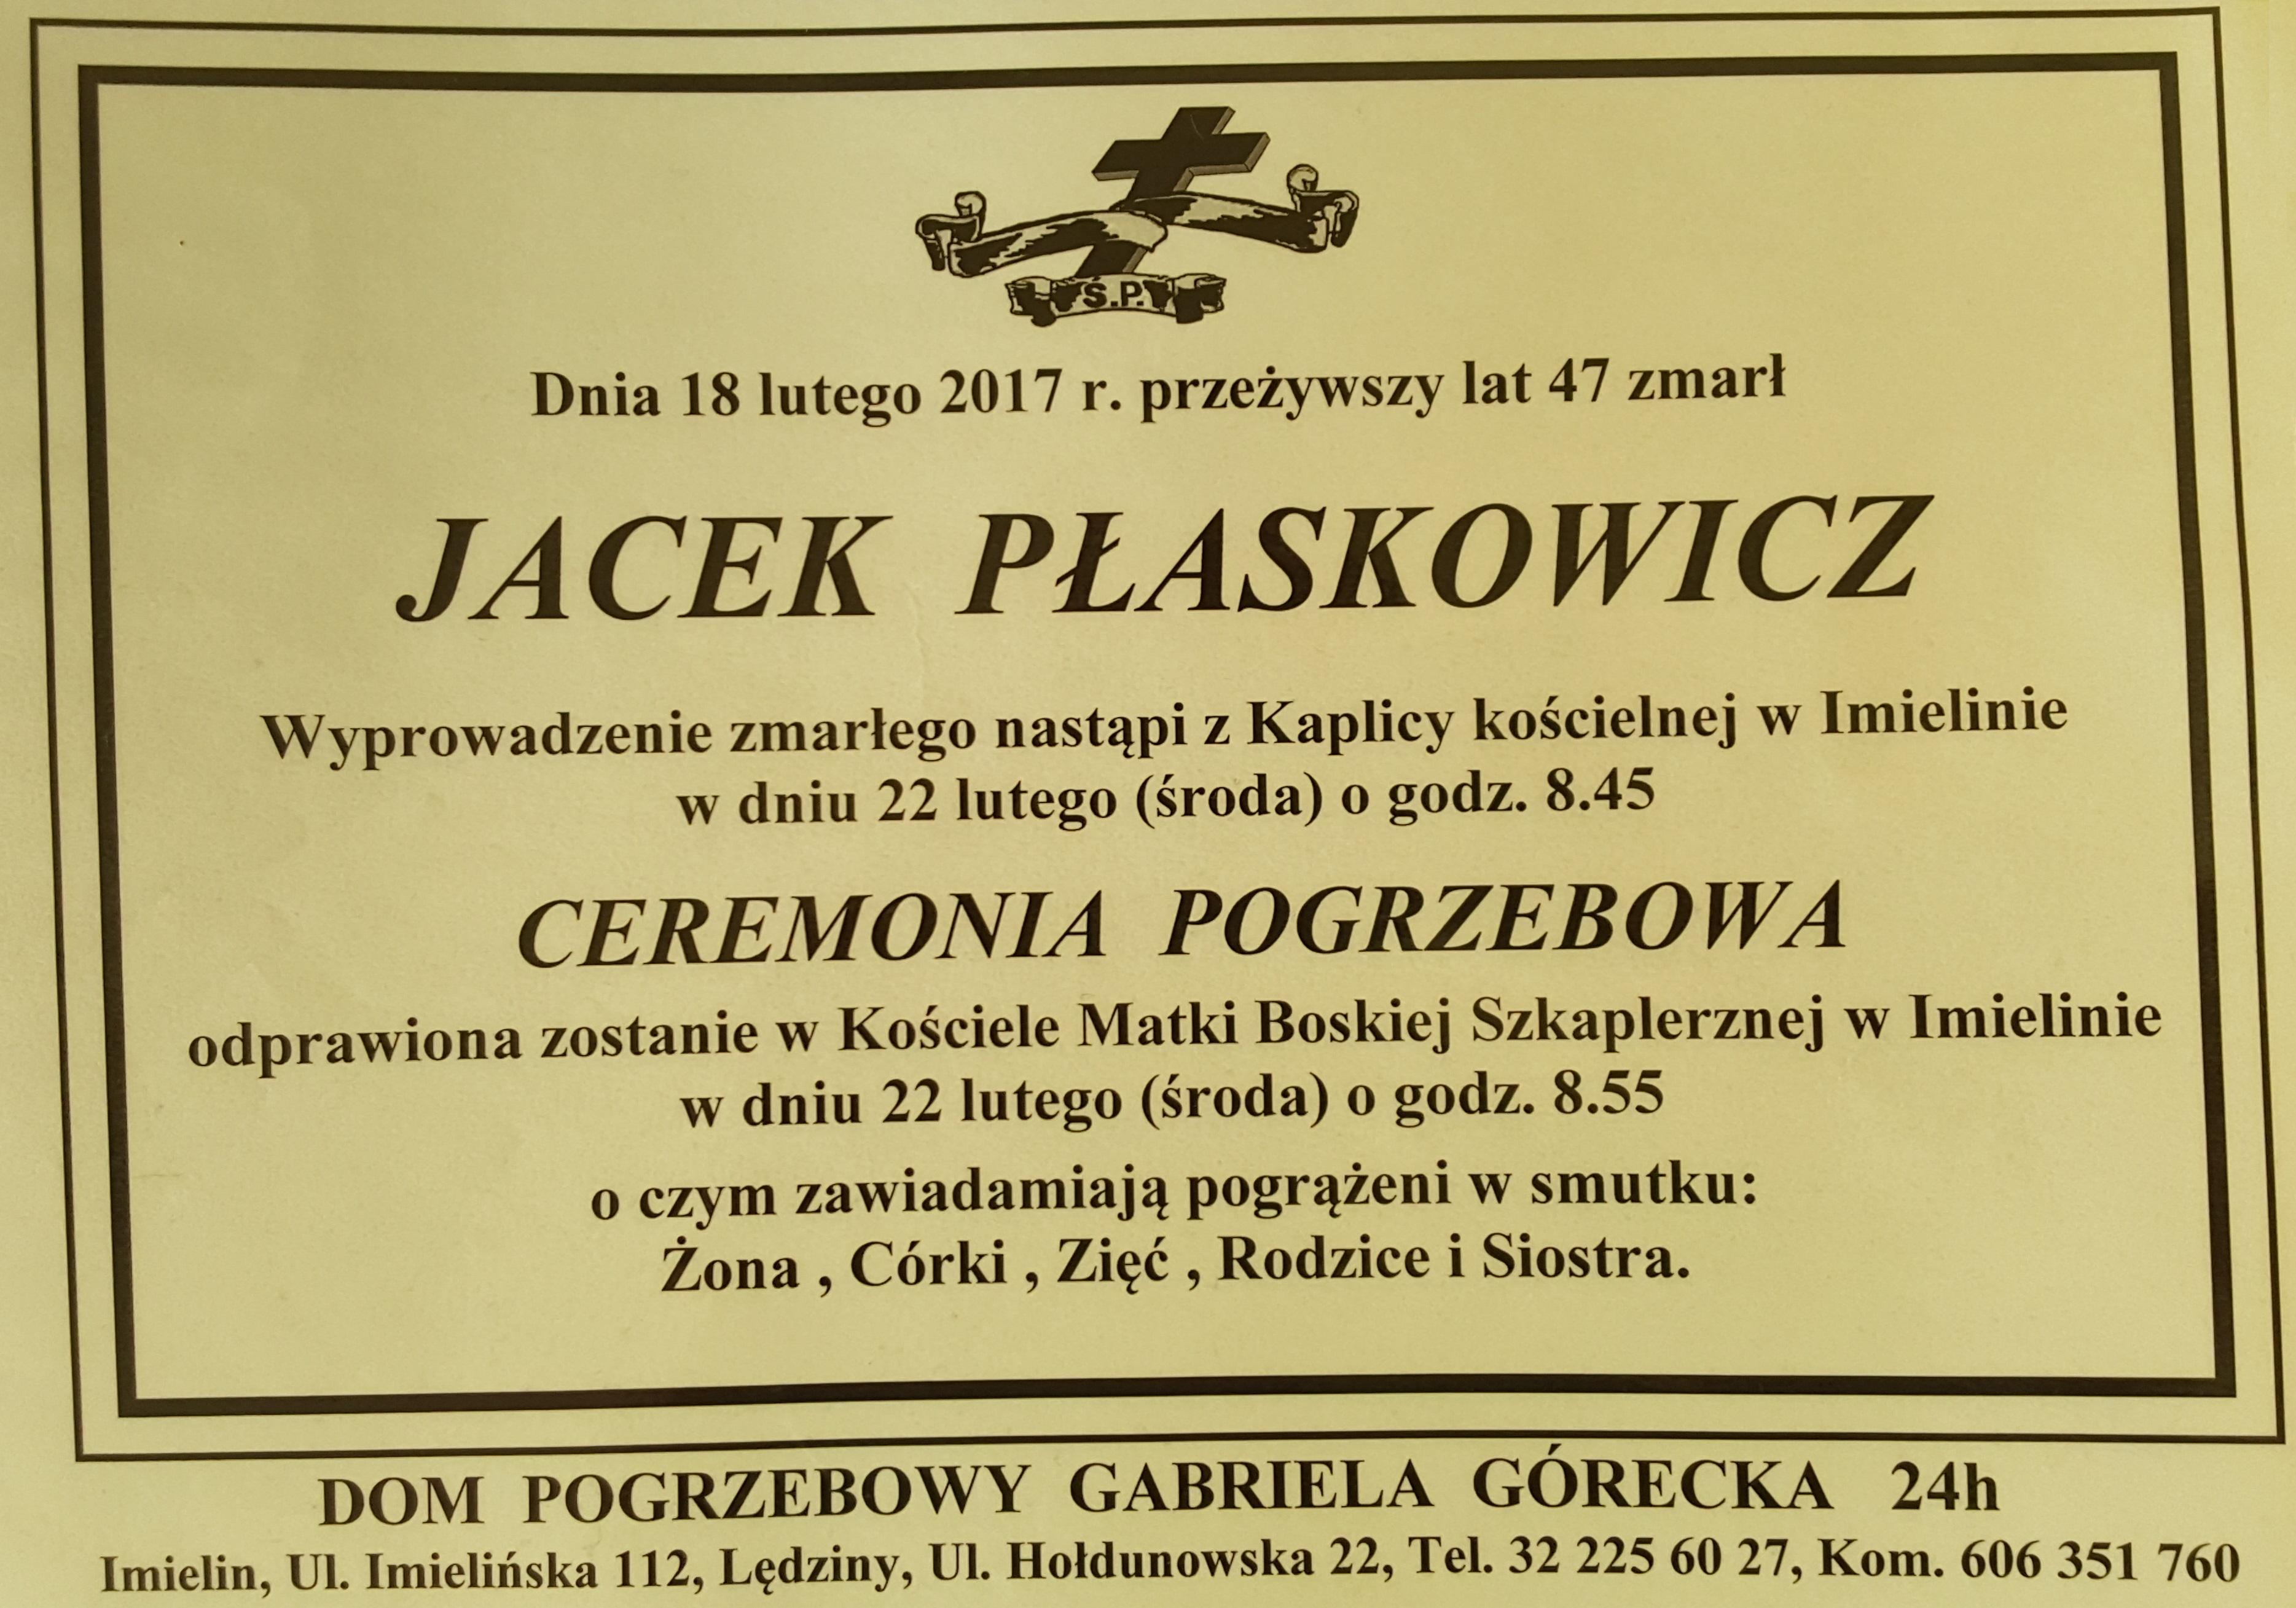 Jacek Płaskowicz - klepsydra